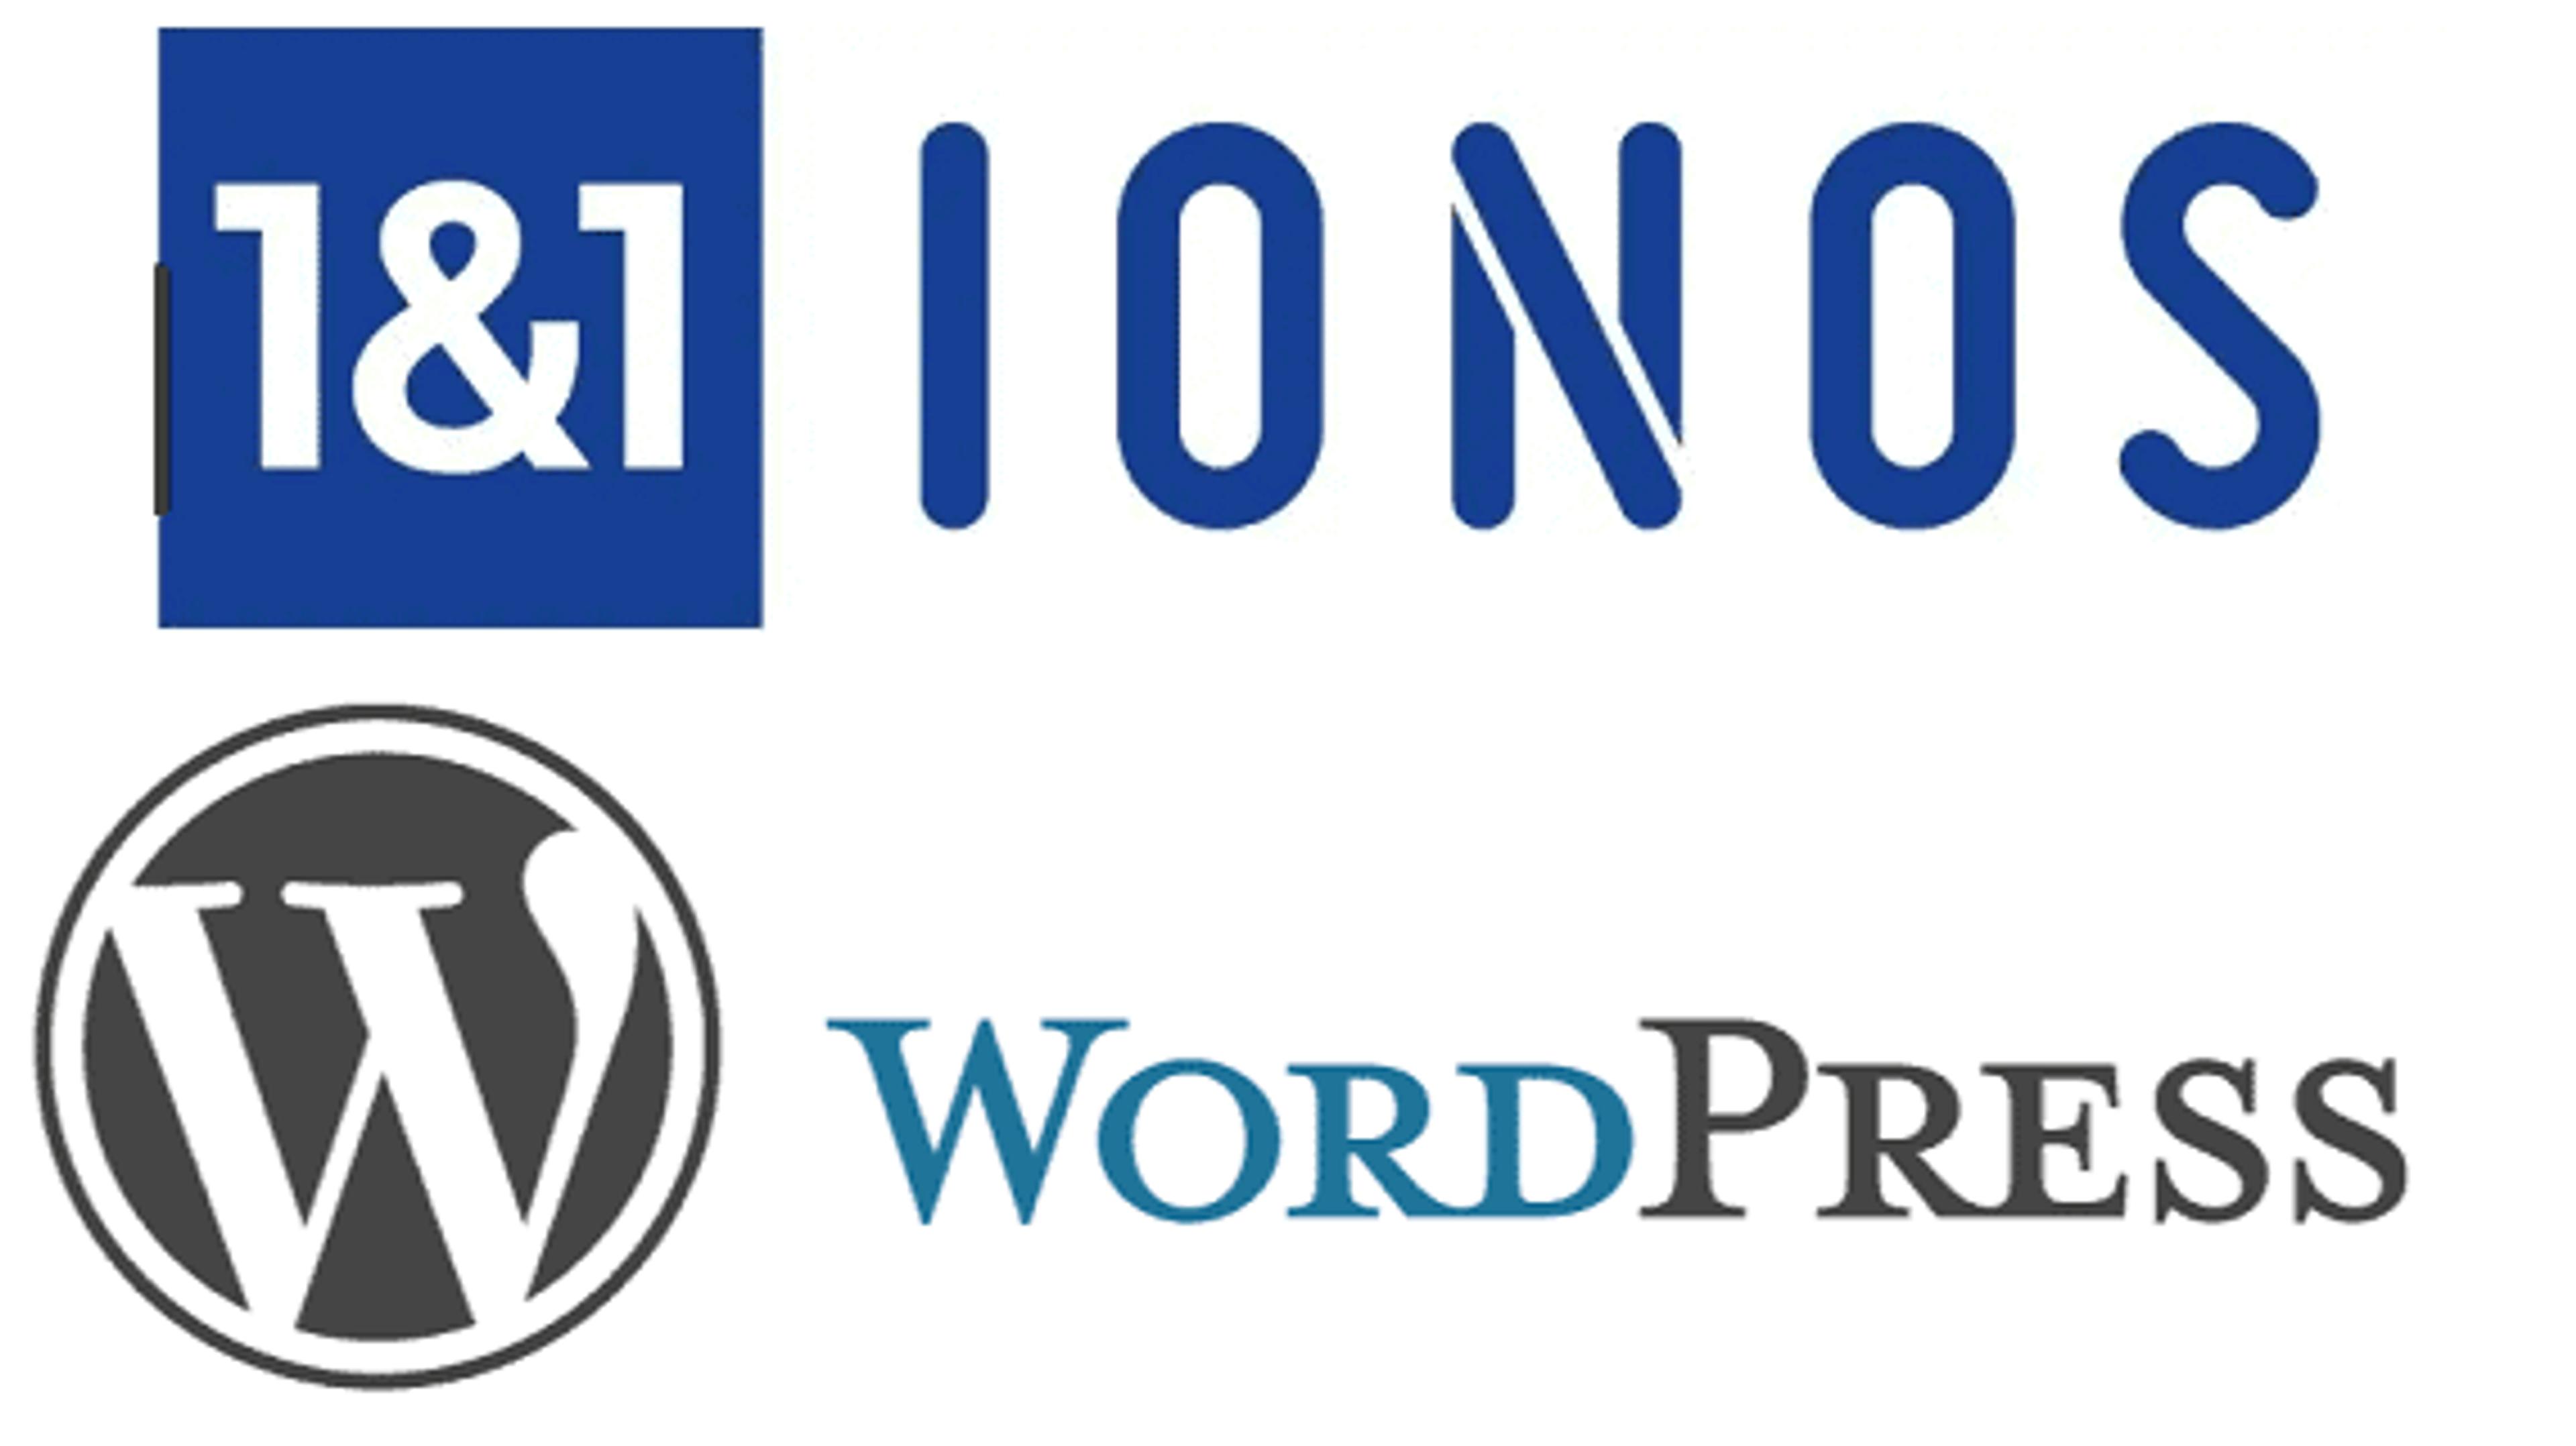 La solution Wordpress managée par IONOS était une excellente option pour démarrer rapidement